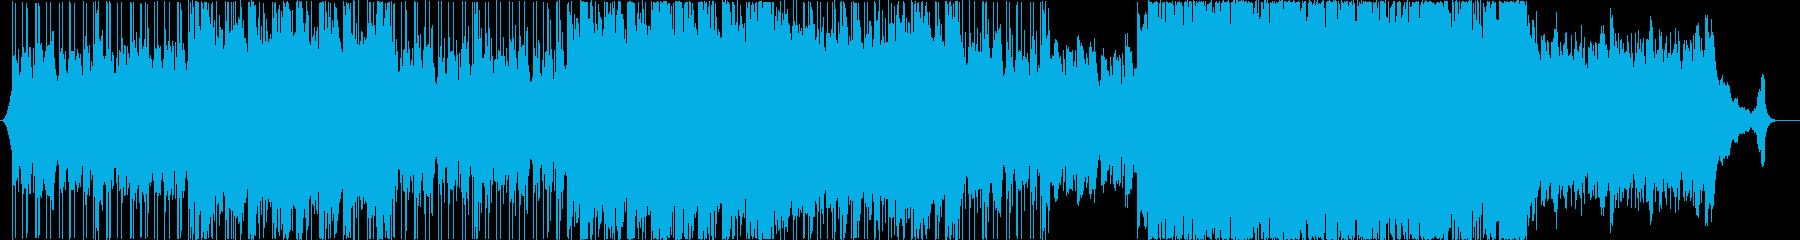 【コーラス抜き】綺麗なアコースティックヒの再生済みの波形